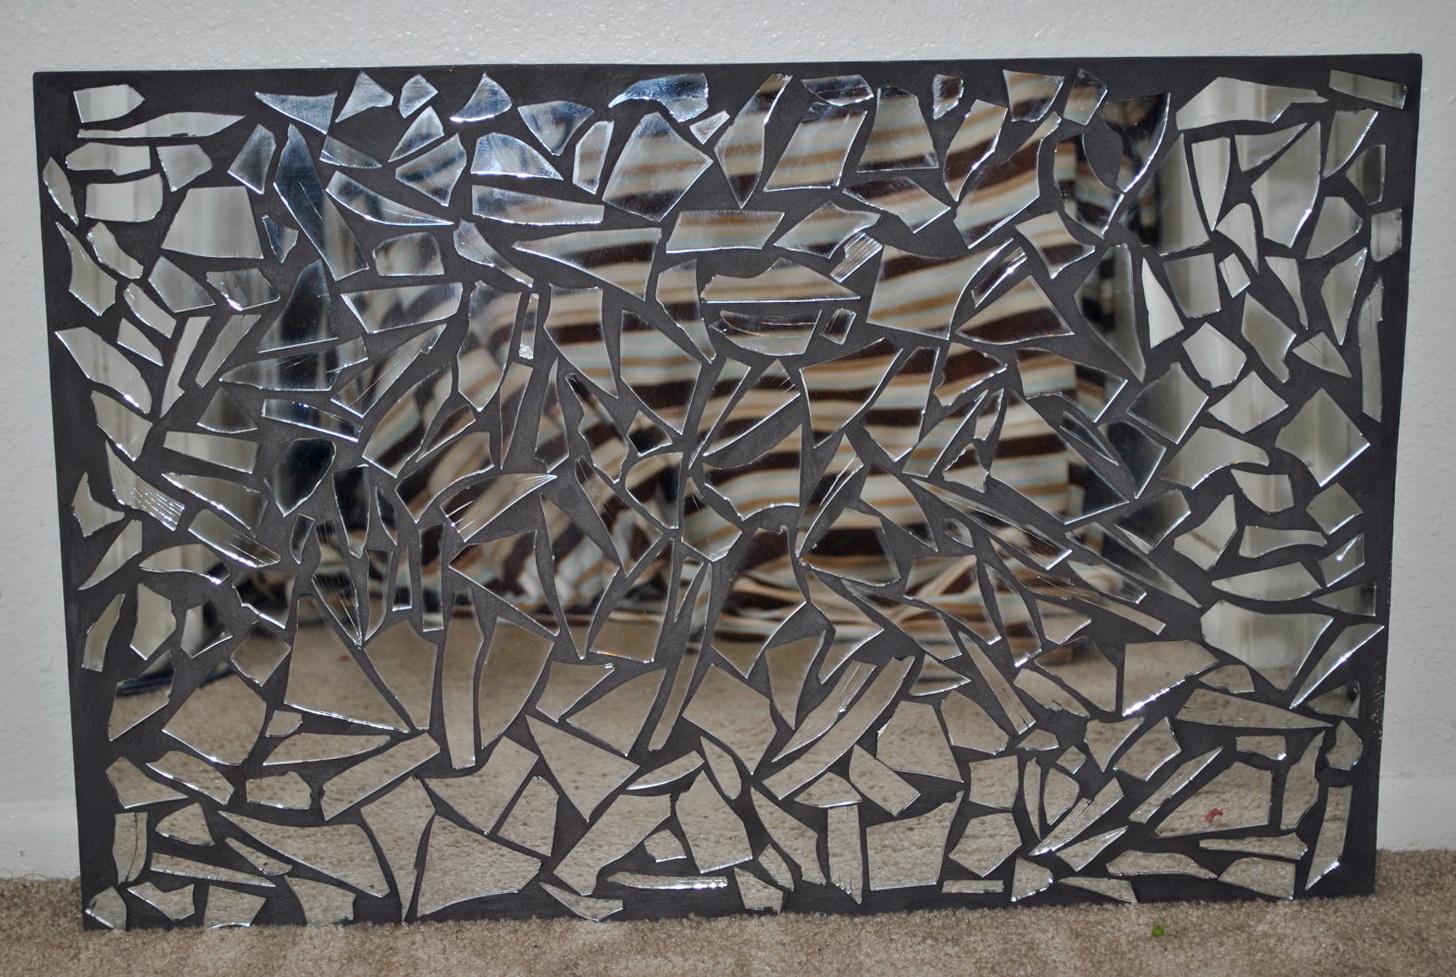 Mirrored Mosaic Wall Art Home Design Ideas